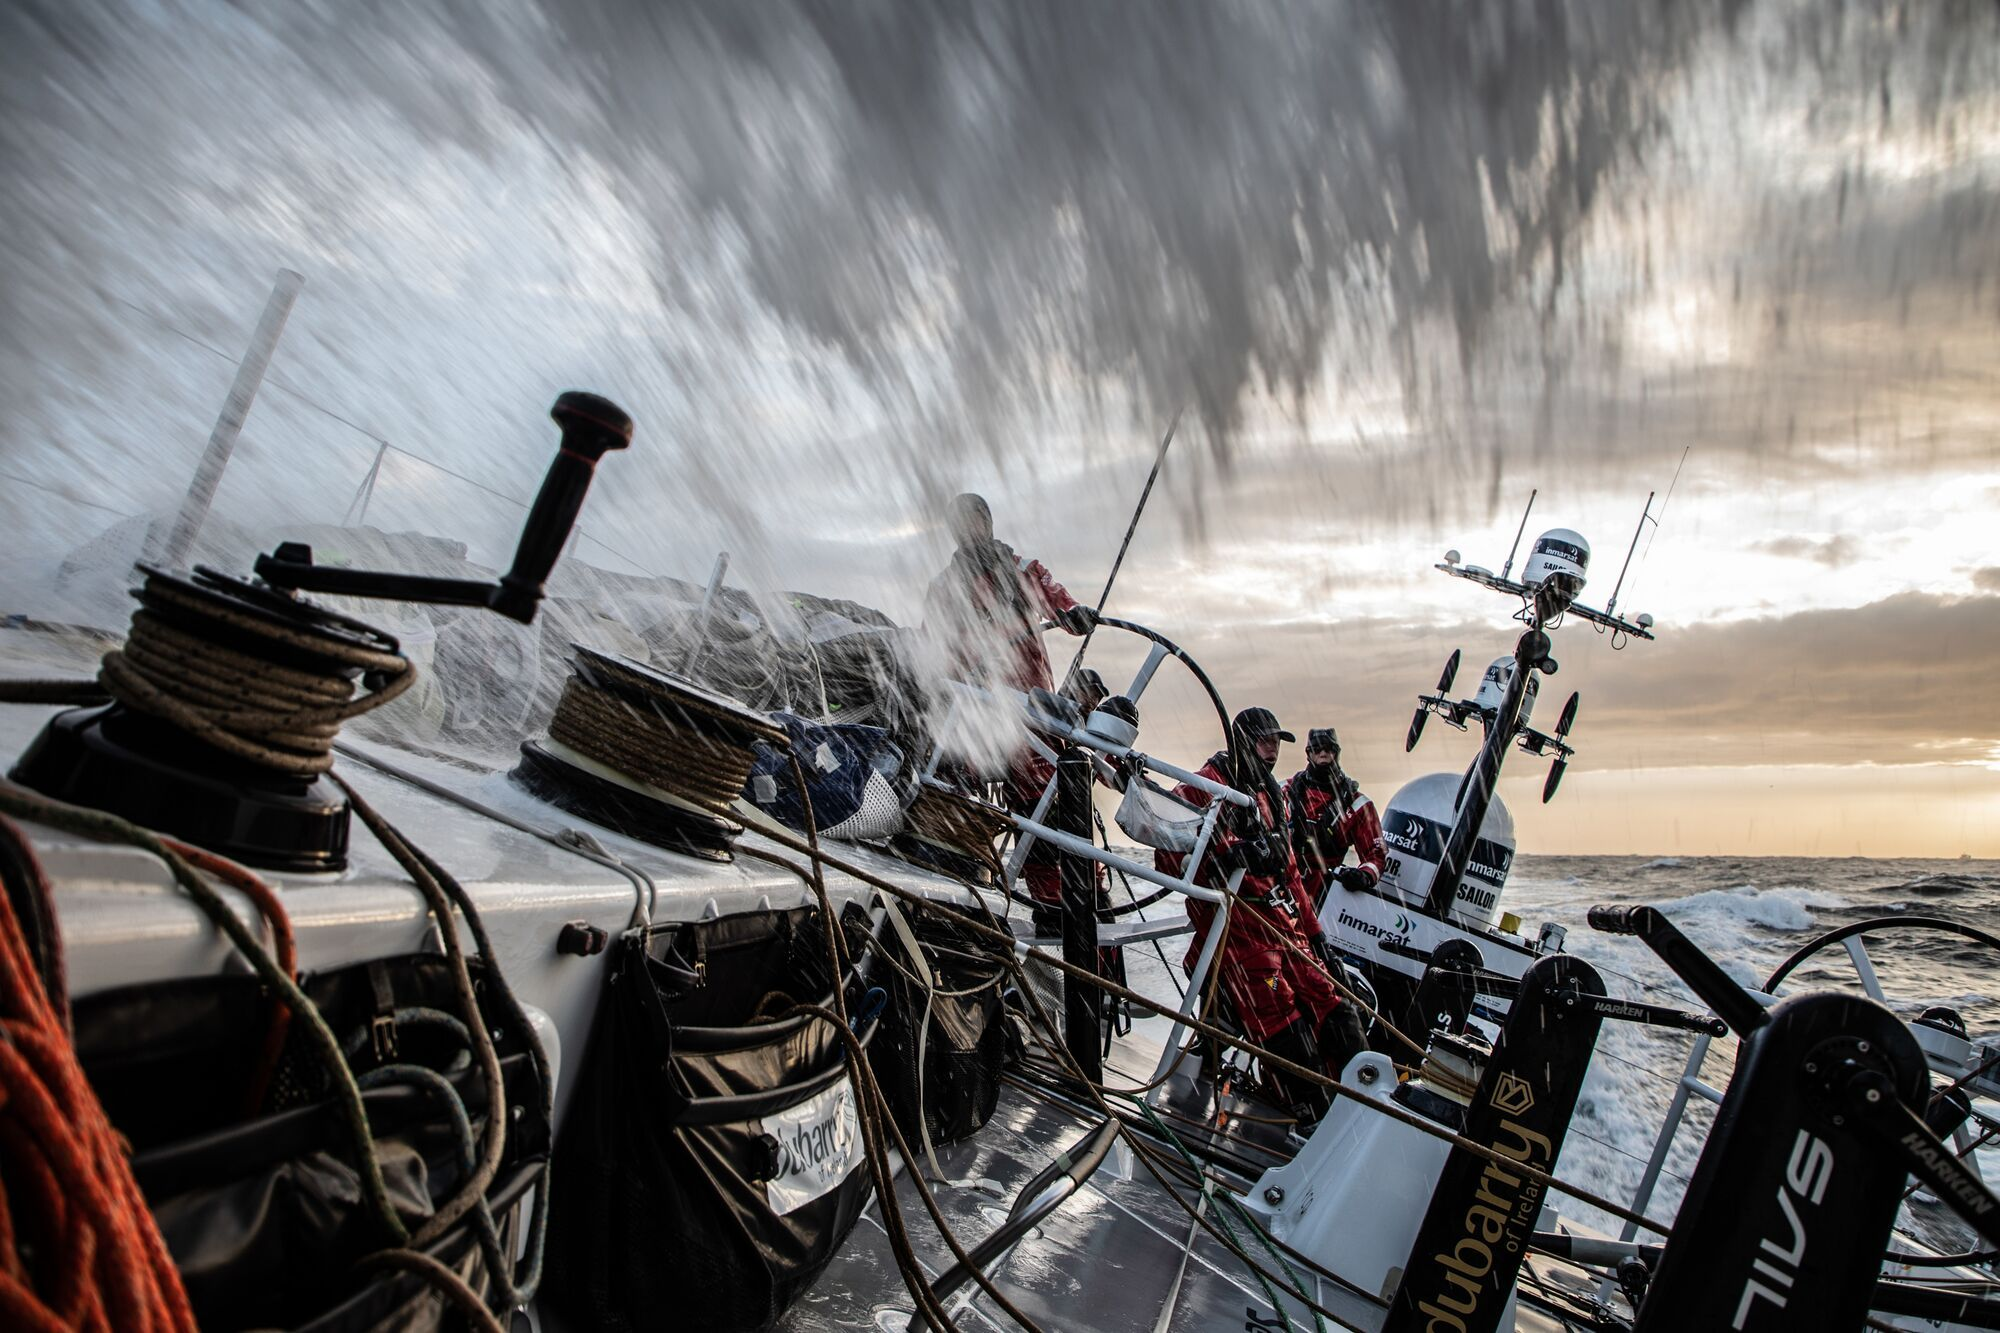 La Volvo Ocean Race, la mayor aventura náutica del mundo, ha llegado a su fin